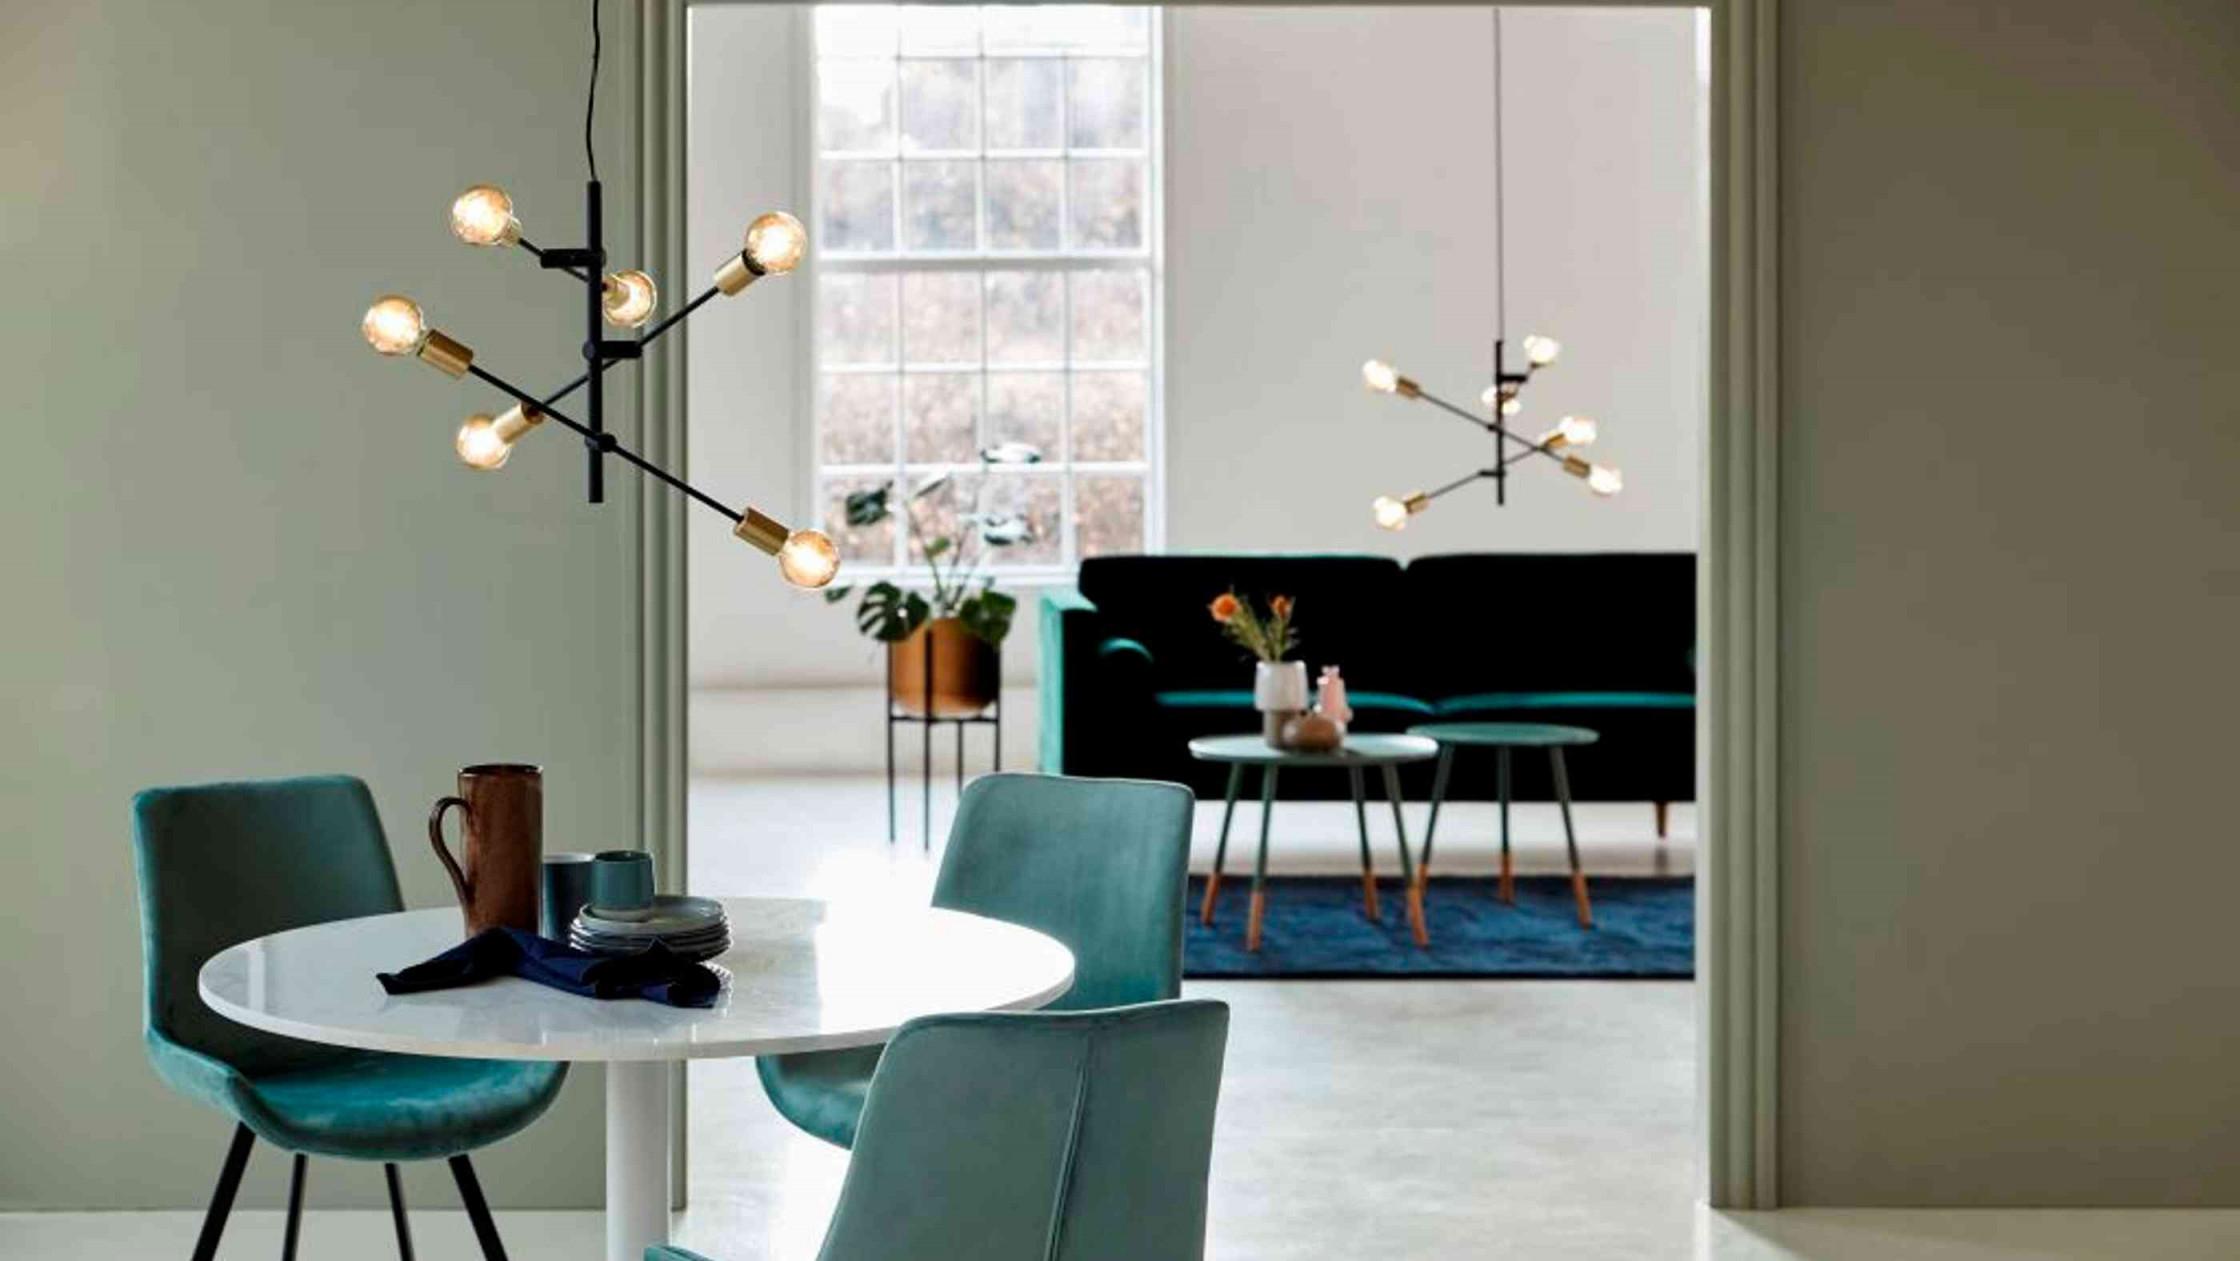 Wohnzimmerlampe Diese 10 Leuchten Sorgen Für Behaglichkeit von Gemütliche Wohnzimmer Lampe Photo